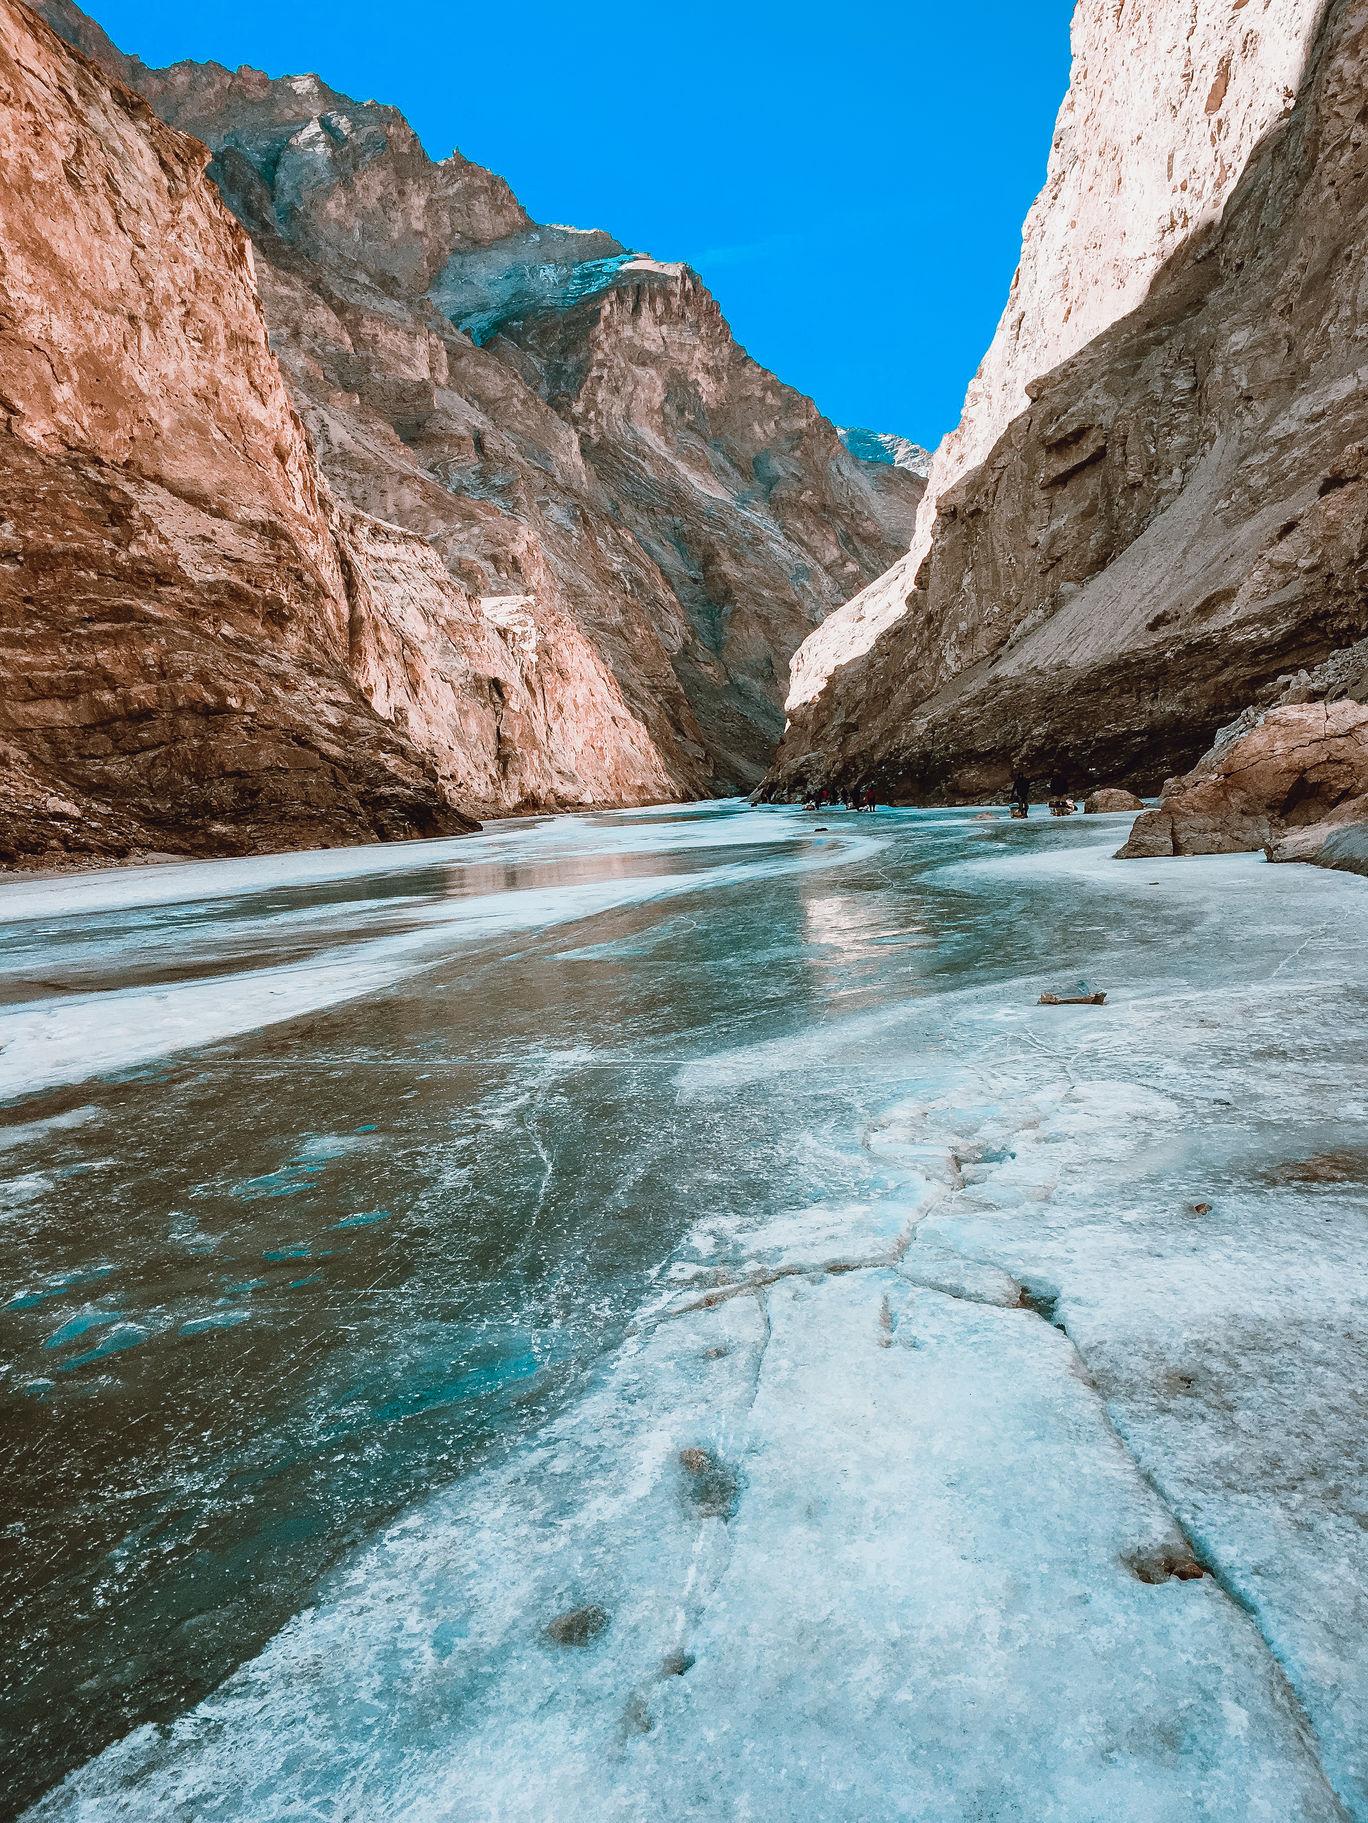 Photo of Chadar trek - Trekking In Ladakh - Frozen River Trekking In Ladakh By Anita Mathivanan